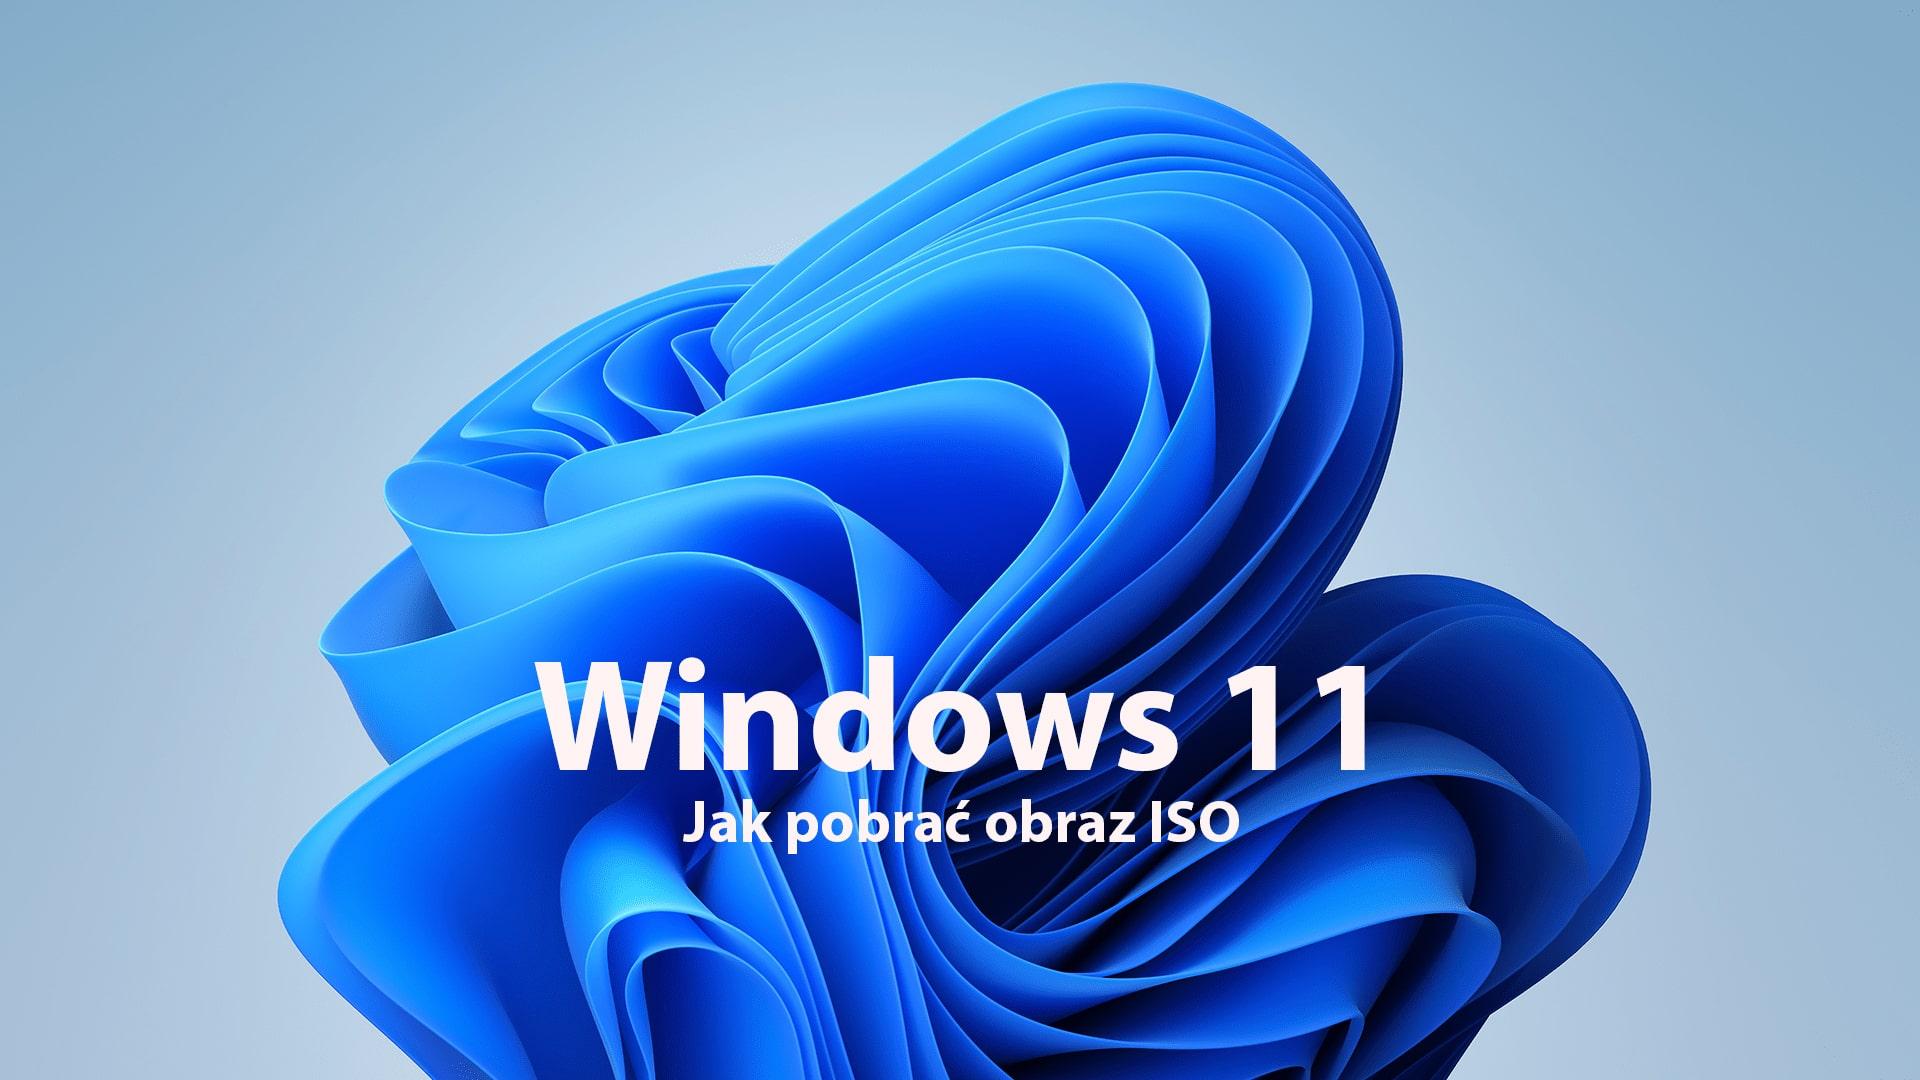 Jak pobrać obraz Windows 11 (ISO)